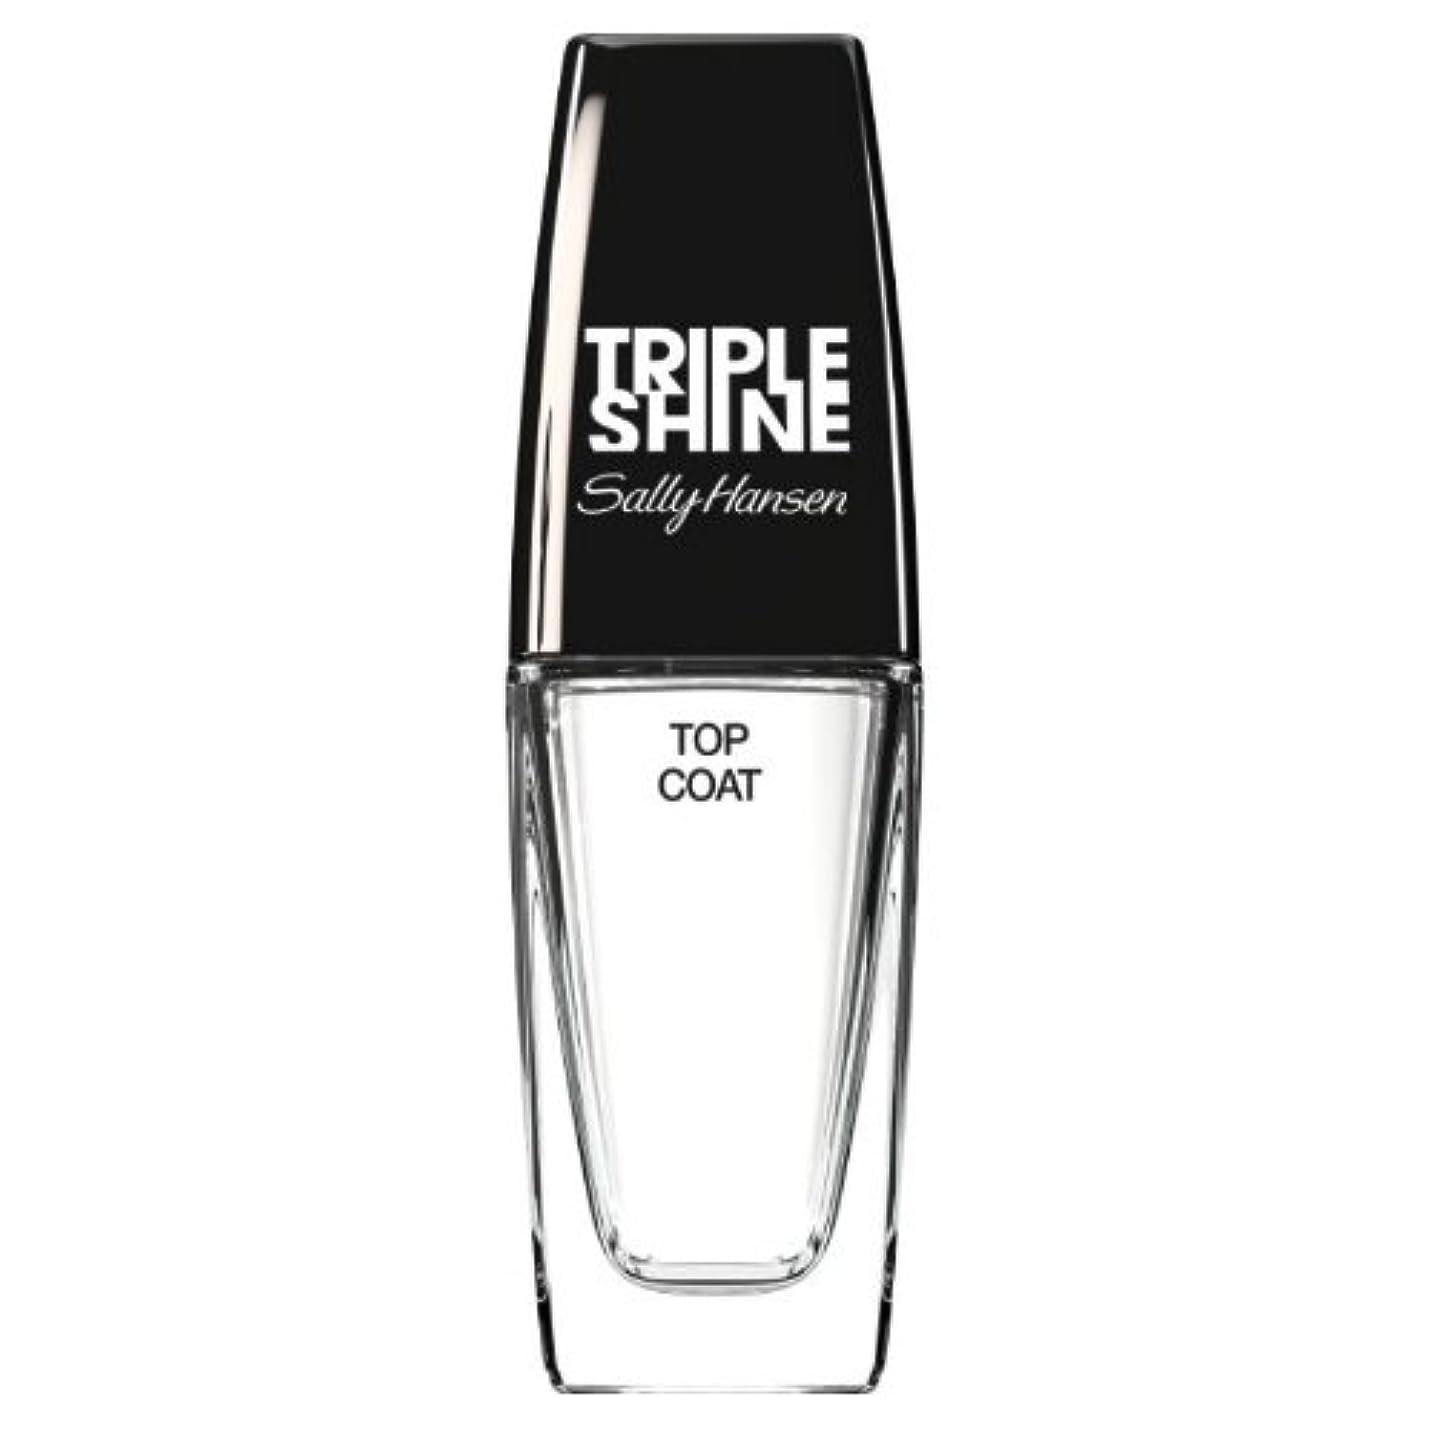 乱れ経営者運河(3 Pack) SALLY HANSEN Triple Shine Top Coat - Triple Shine Top Coat (並行輸入品)